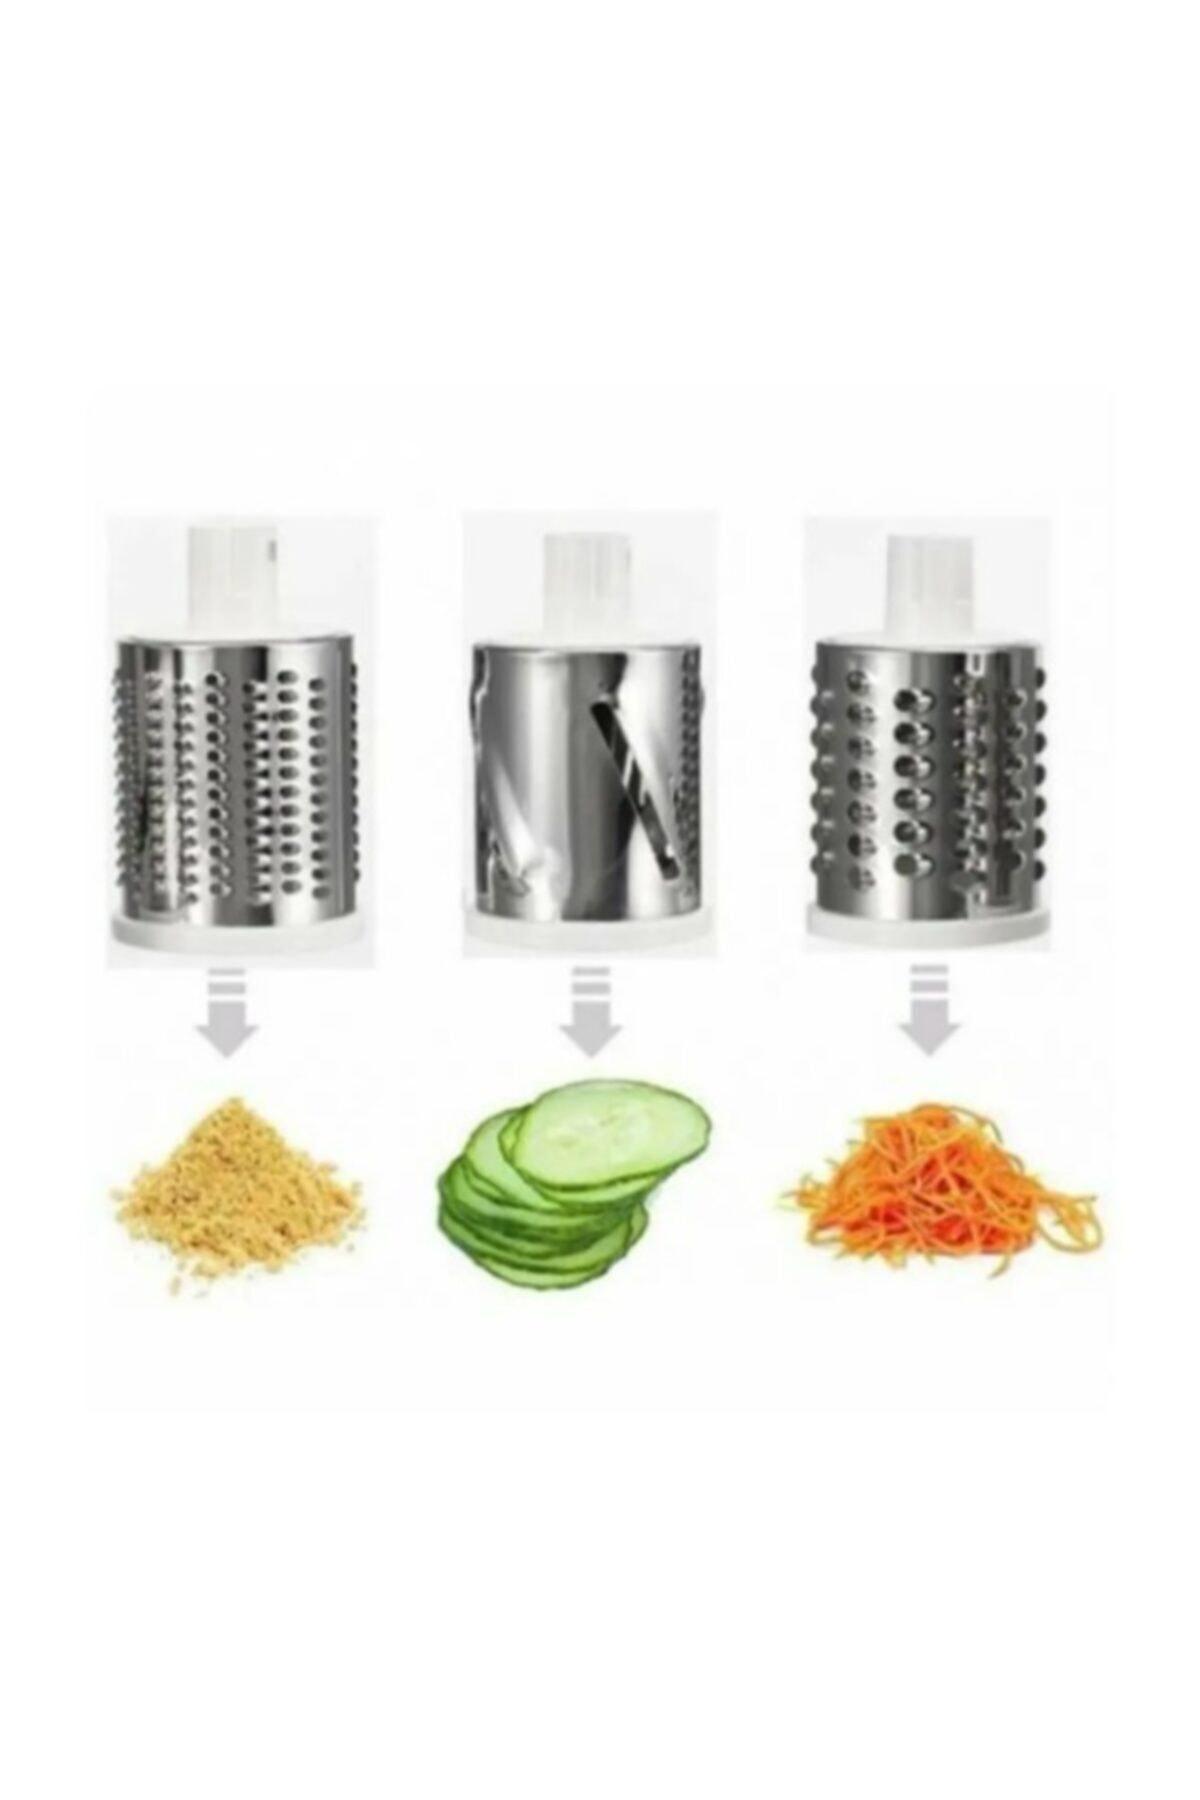 AYAZ TAKI Çevirme Kollu Sebze Doğrayıcı Rende Vegetable Slicer Sebze Dilimleyici 2